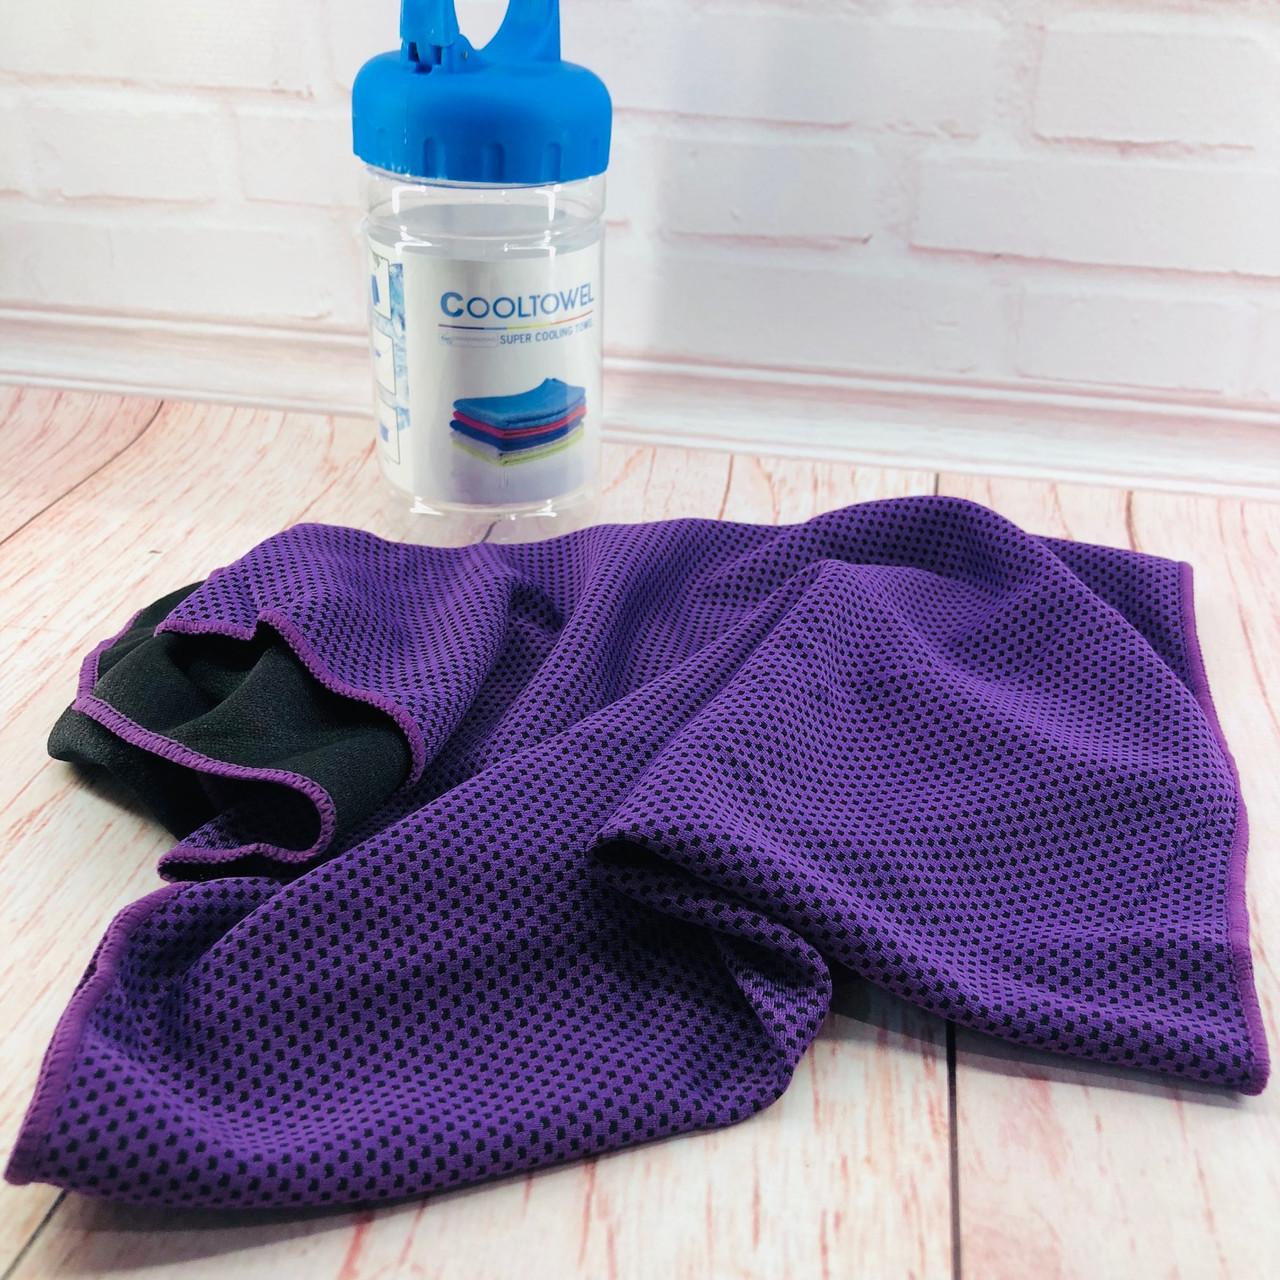 Полотенце спортивное охлаждающее LiveUp Cooling Towel